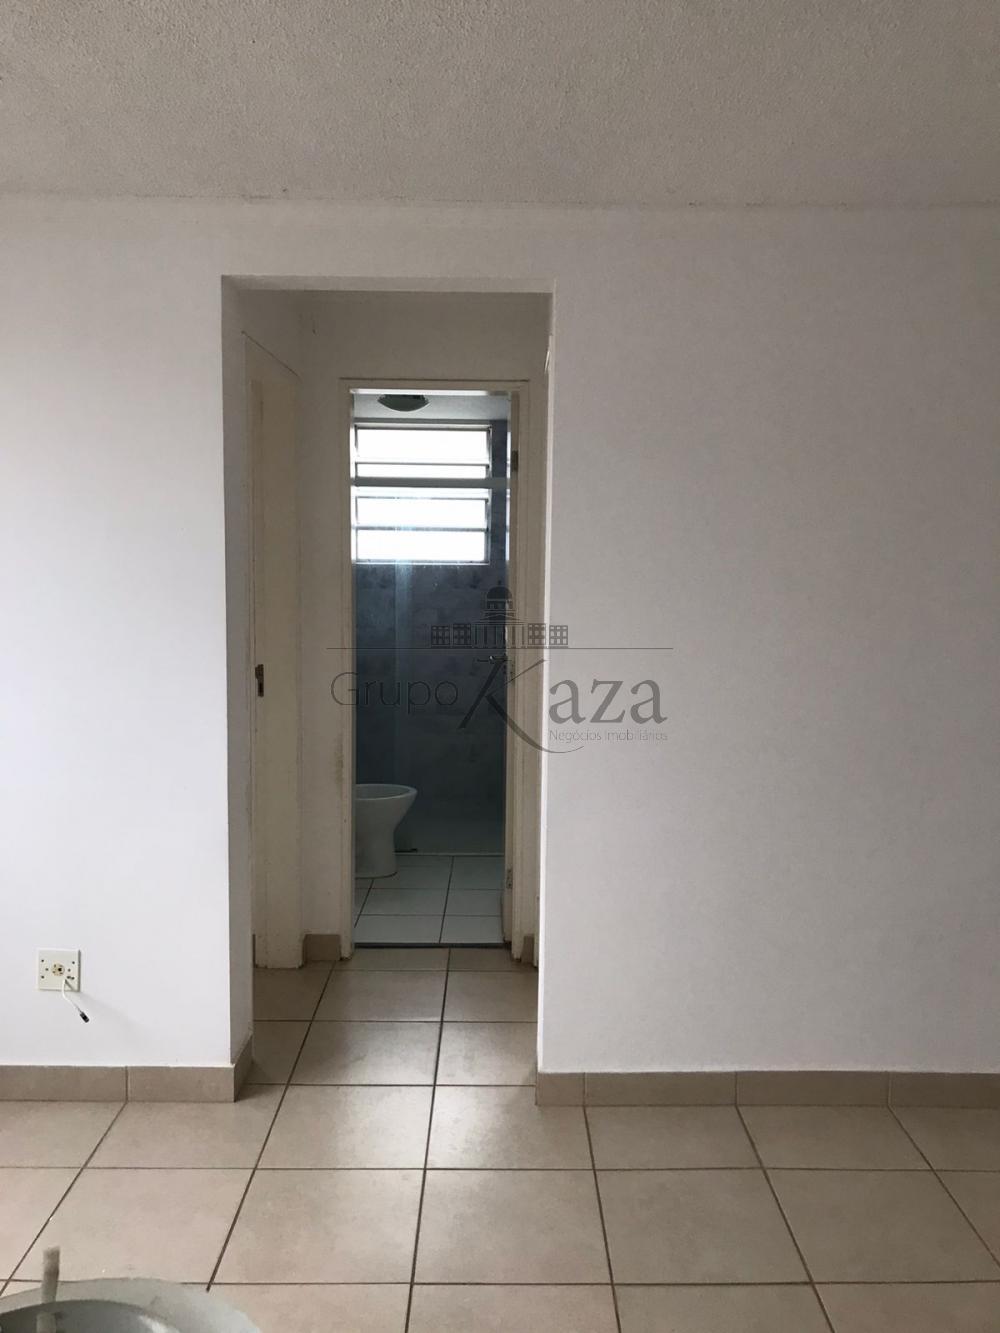 alt='Comprar Apartamento / Padrão em São José dos Campos R$ 171.000,00 - Foto 6' title='Comprar Apartamento / Padrão em São José dos Campos R$ 171.000,00 - Foto 6'